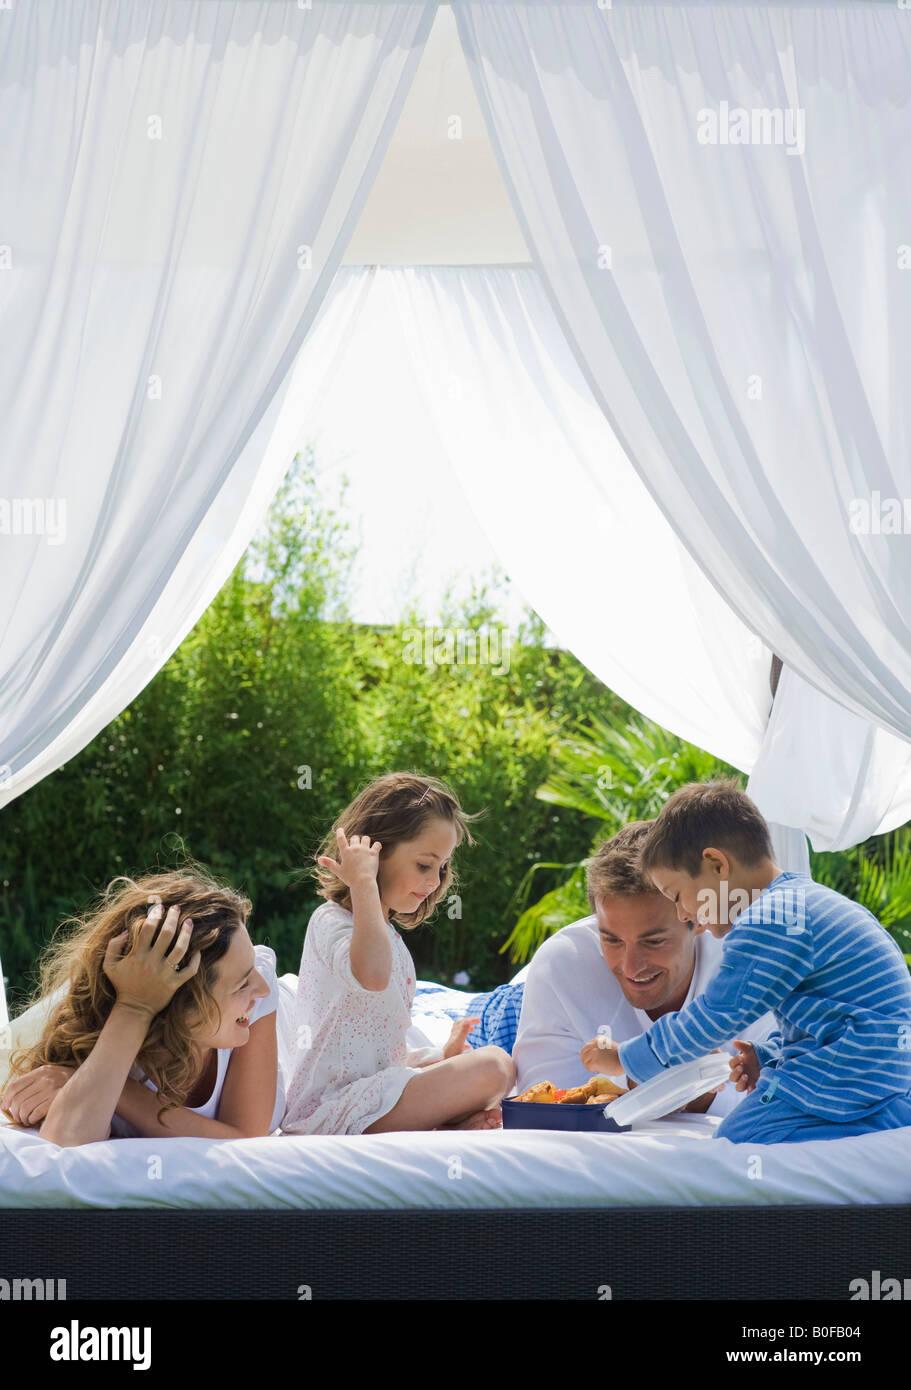 Prendre le petit déjeuner sur la famille lit dans un jardin Photo Stock